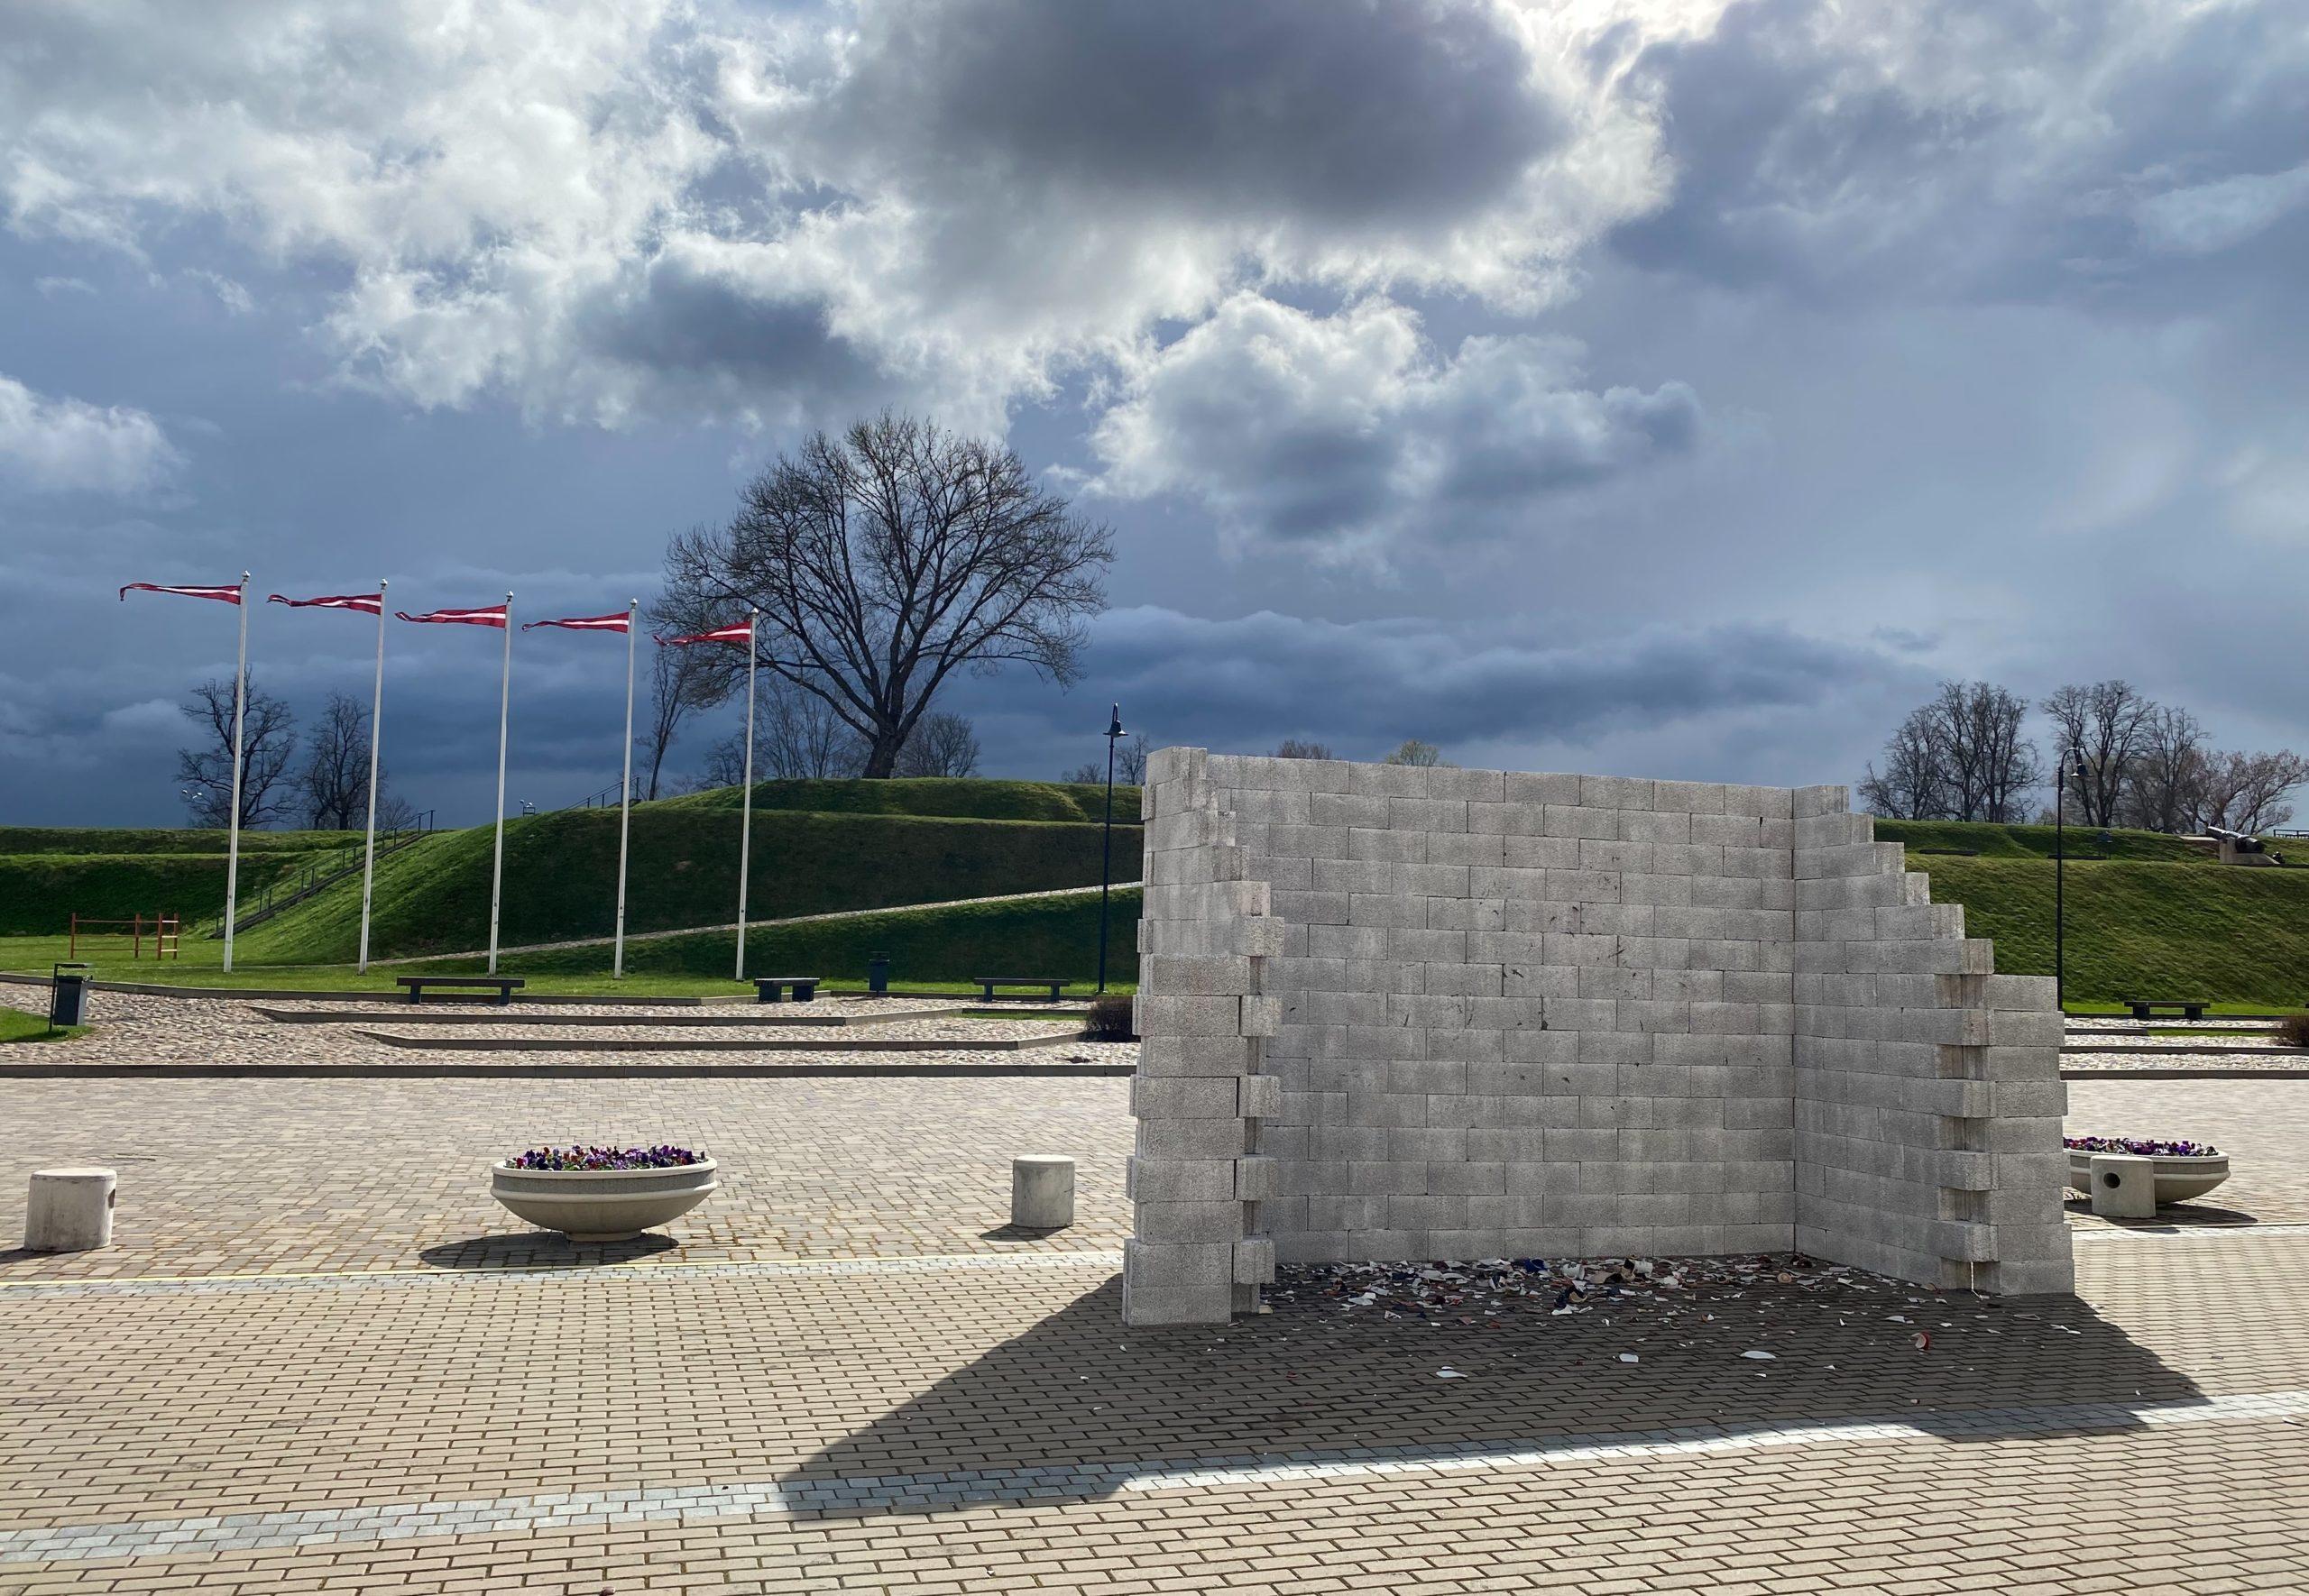 Izlādes-uzlādes siena